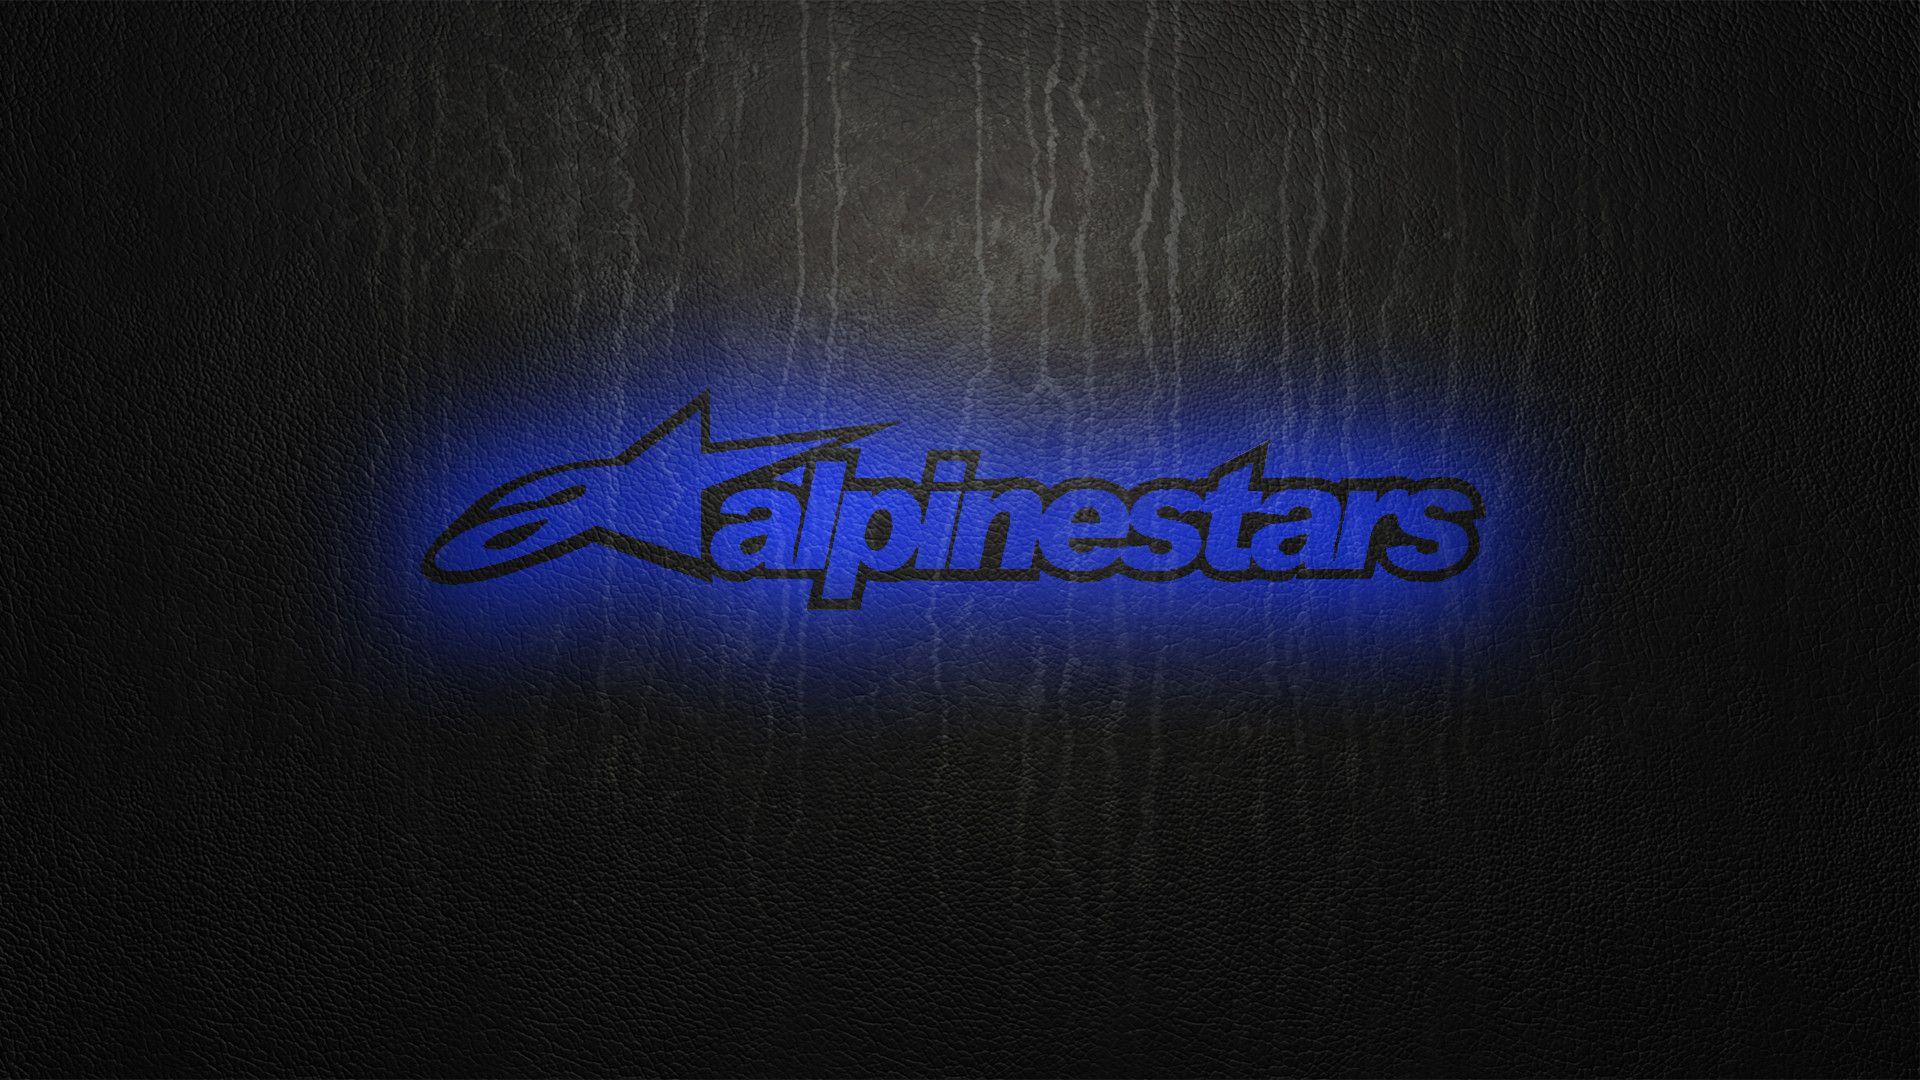 Alpinestars Wallpaper Android Wallsaved 1920x1080